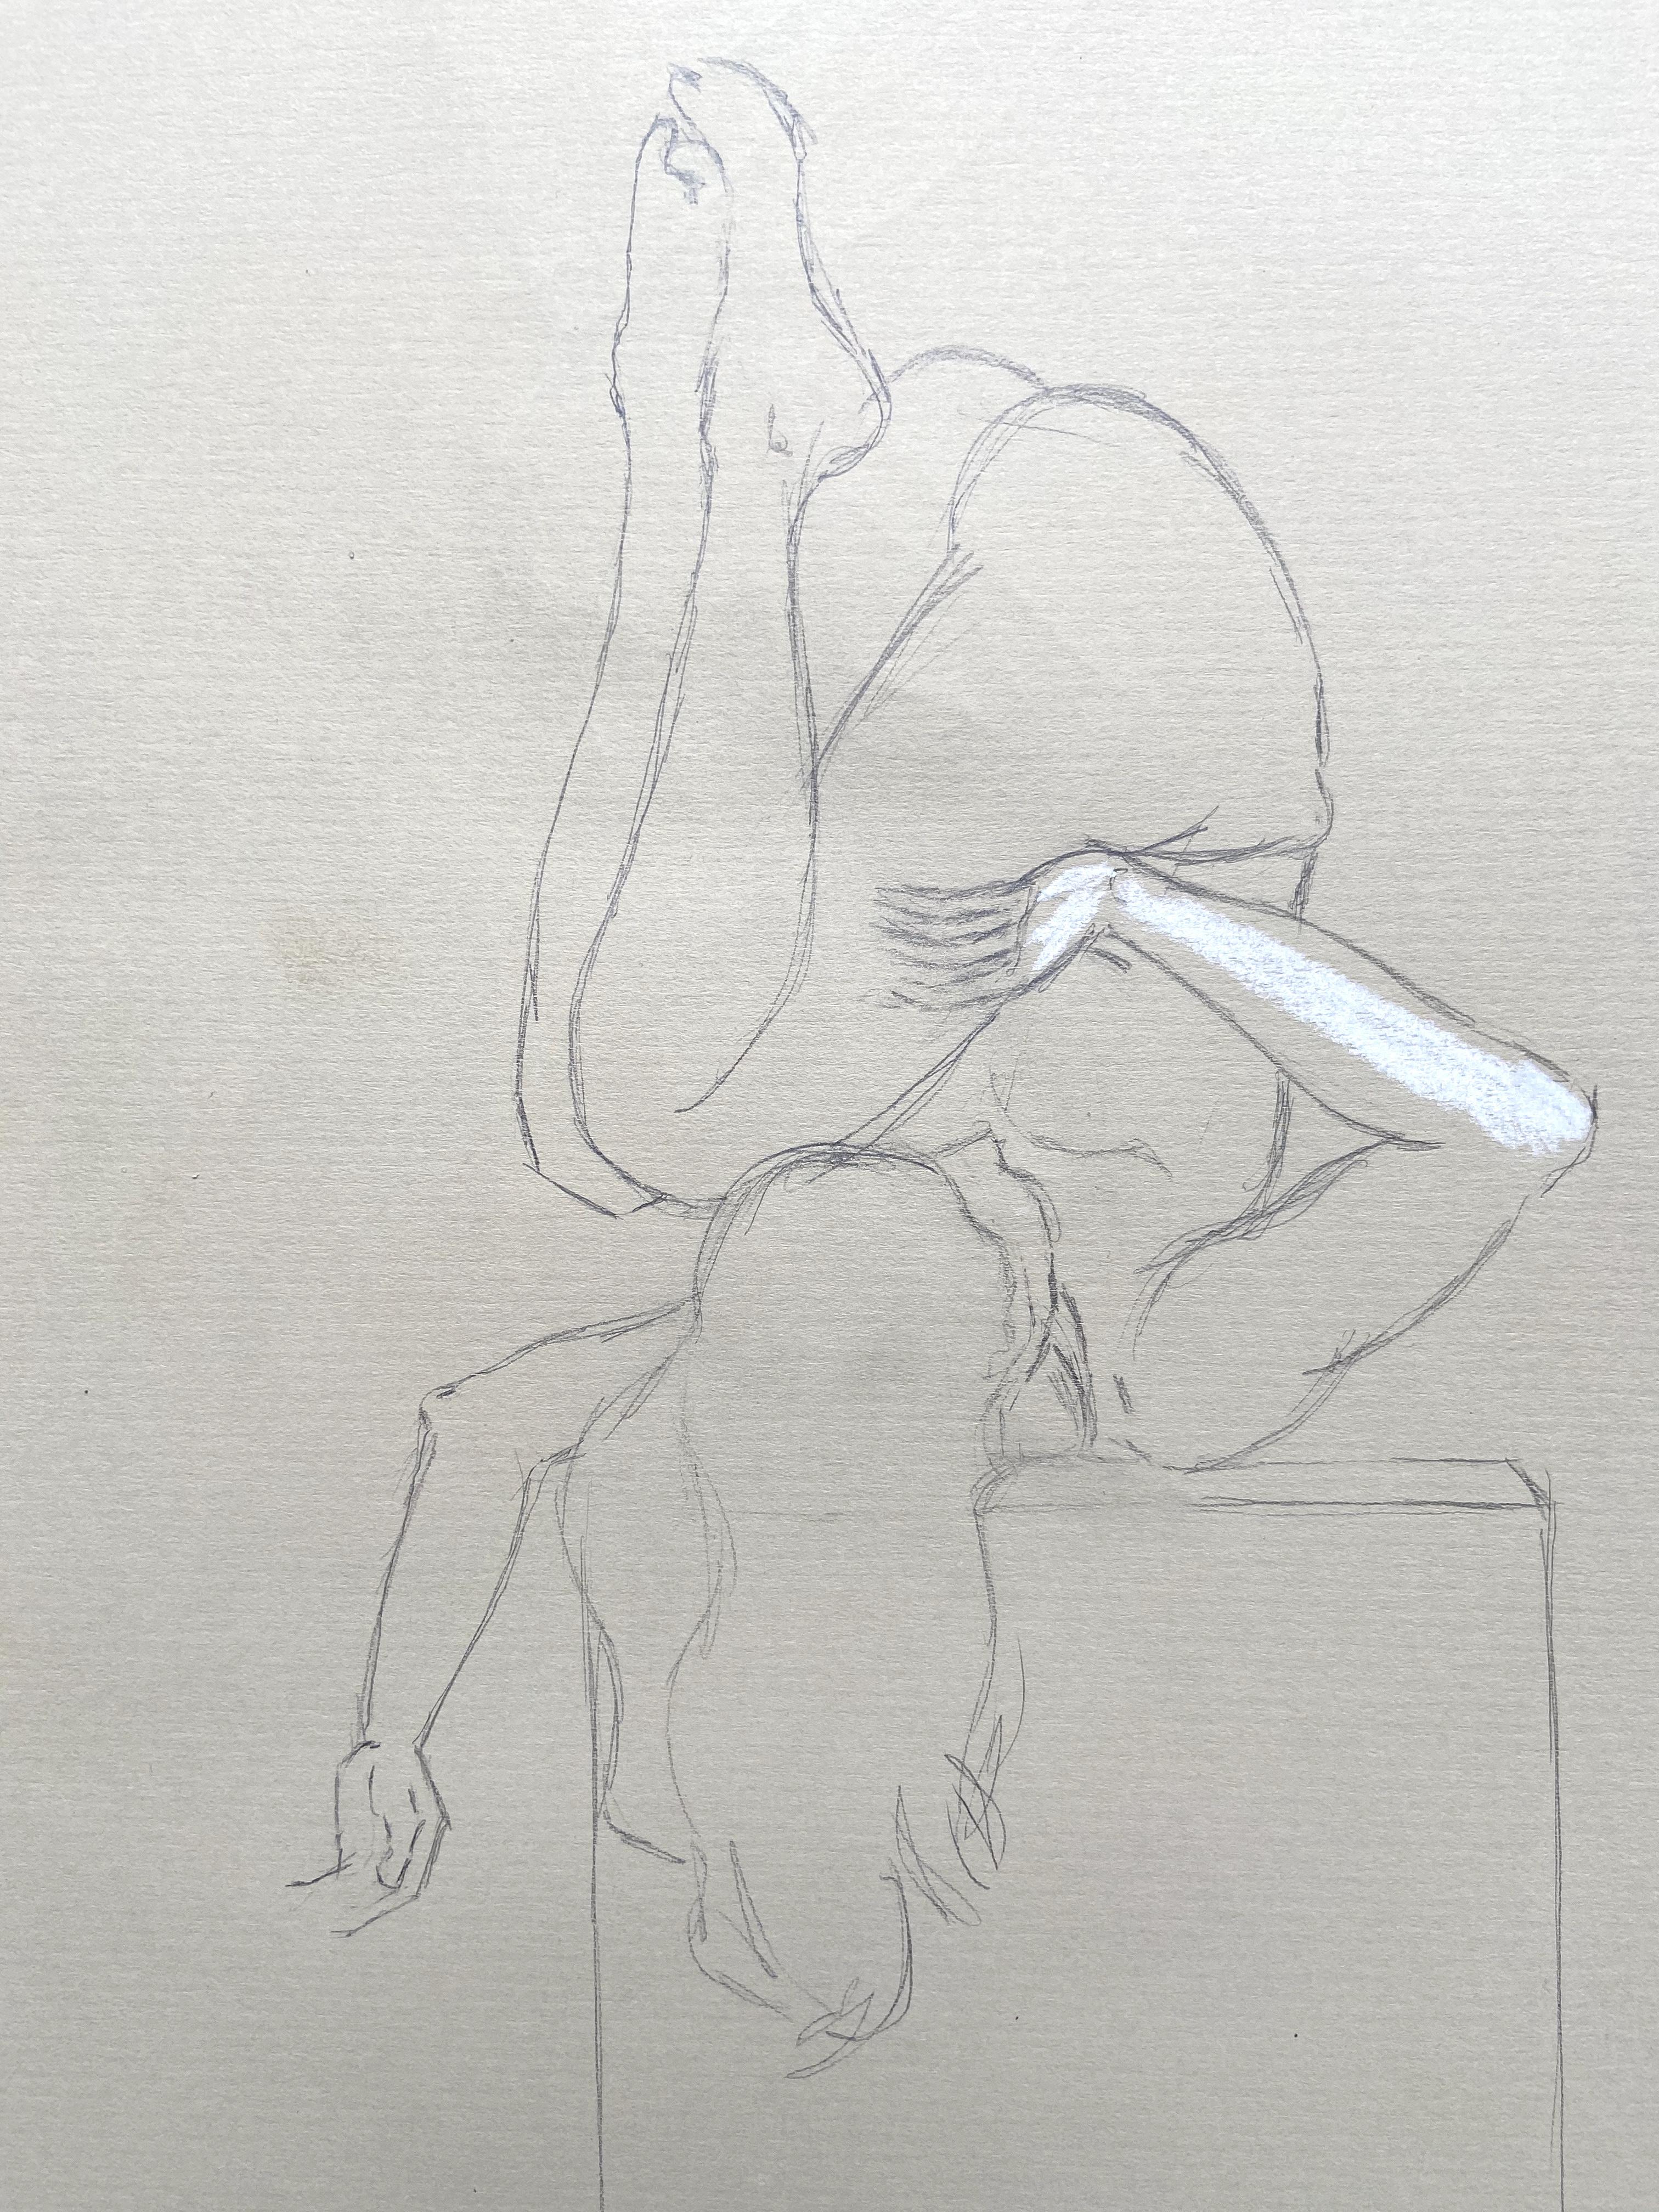 Ébauche dessin réhausse pastel blanche  cours de dessin